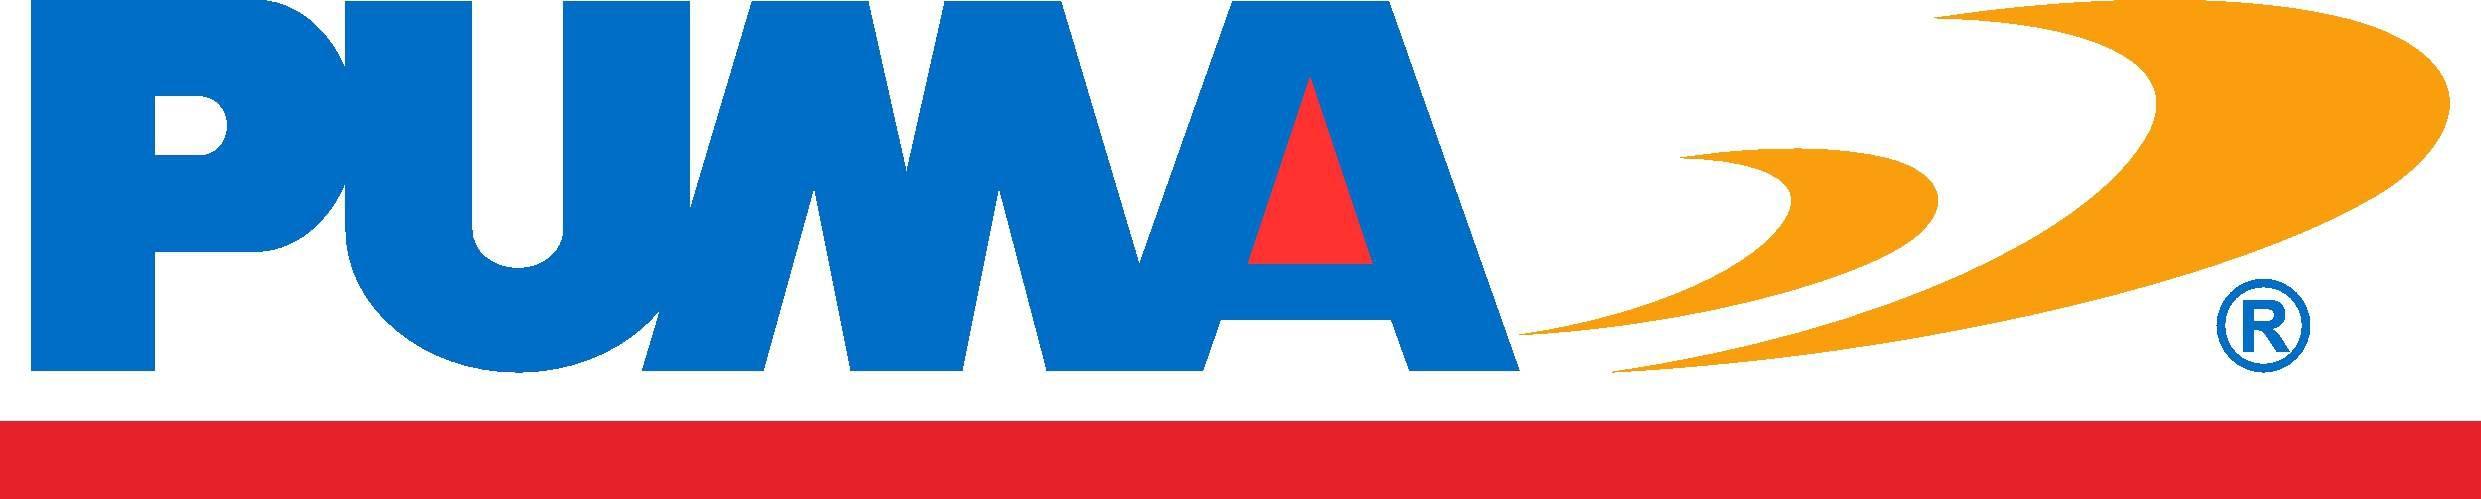 PUMA  INDUSTRIAL CO ., LTD.-Logo